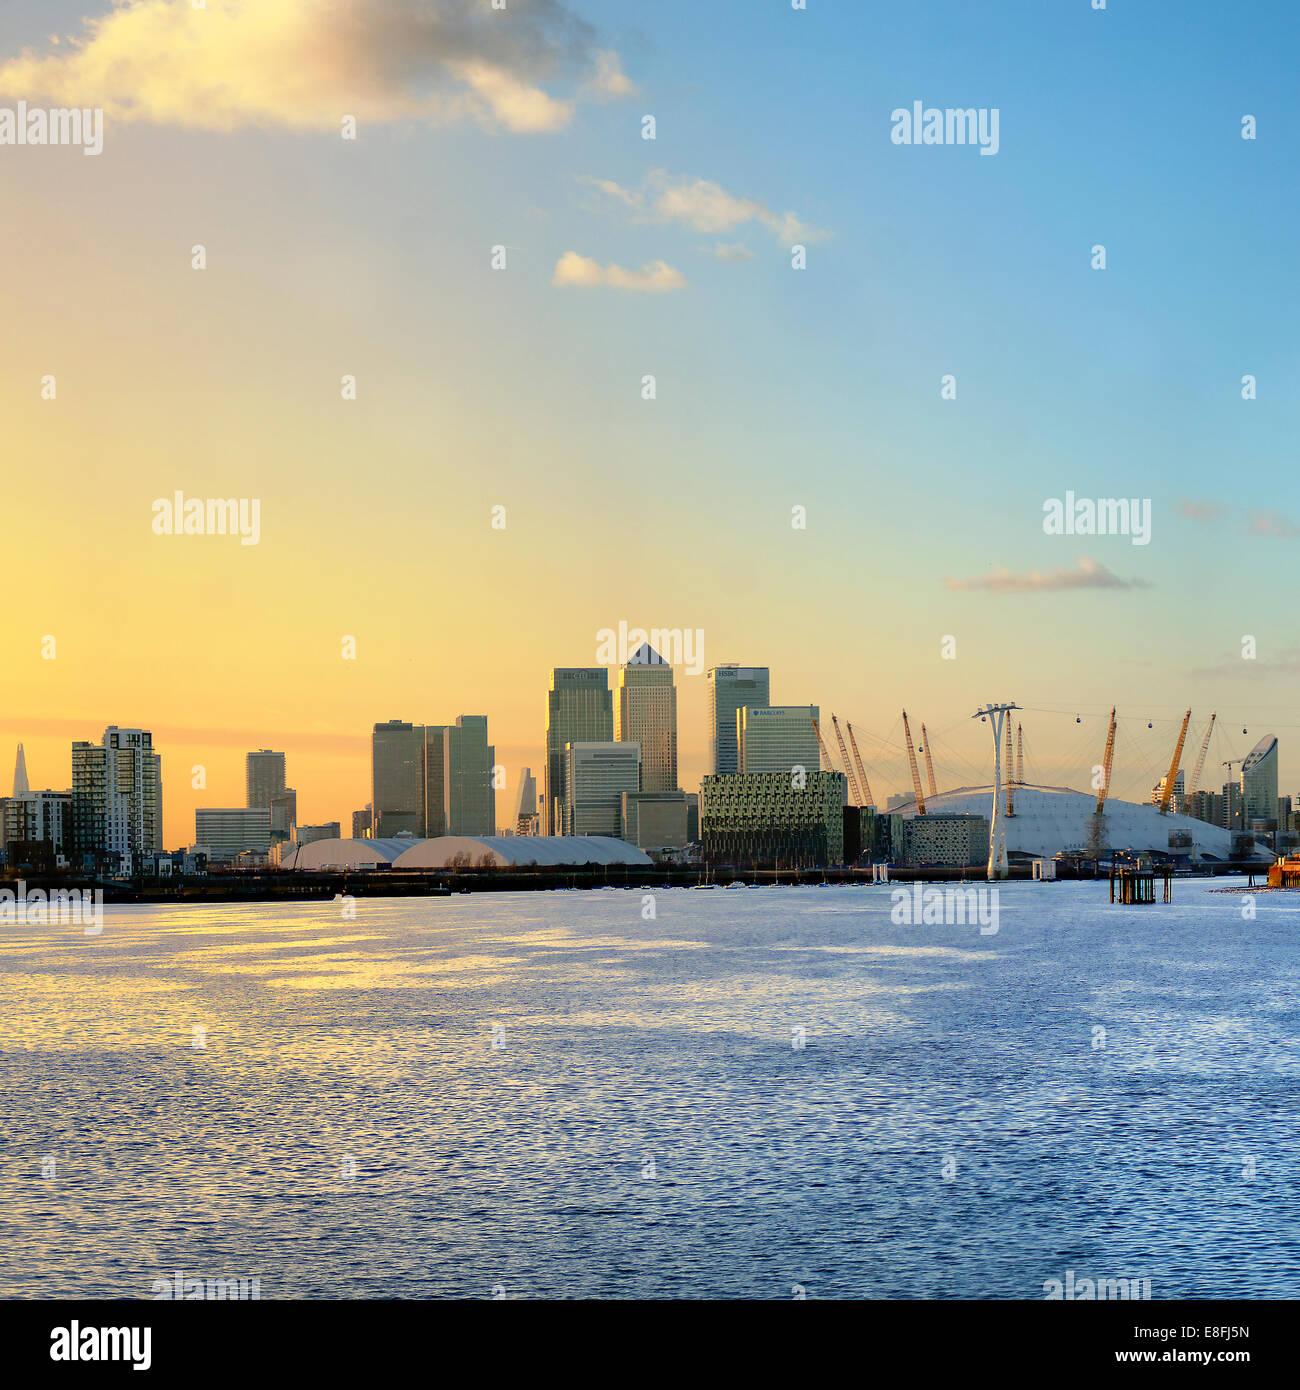 UK, England, London, Canary Wharf, Skyline at sunrise - Stock Image